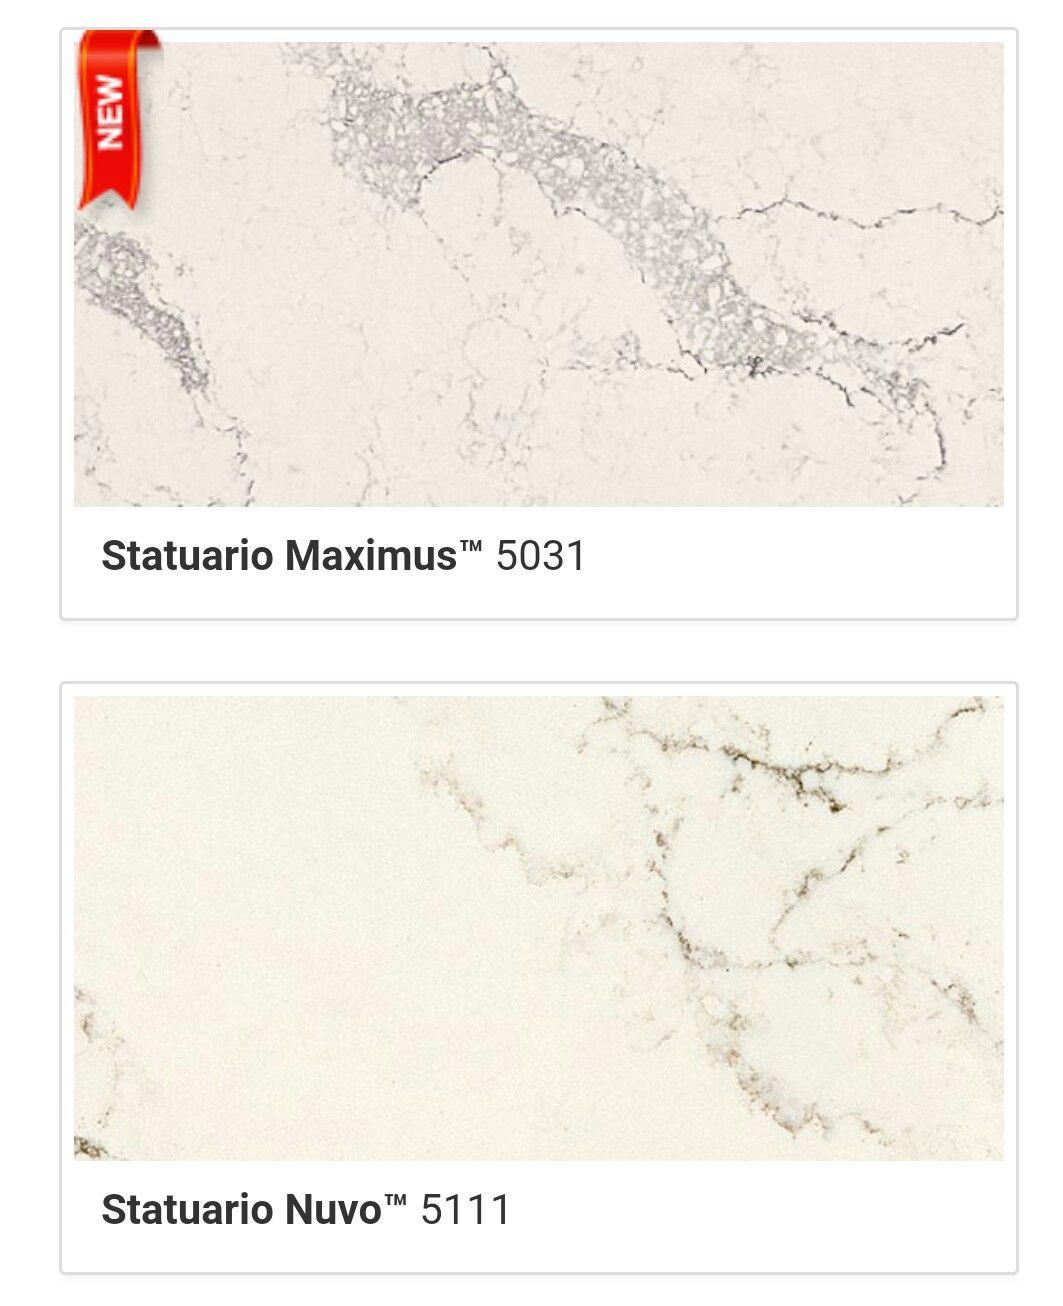 Caesarstone Statuario Maximus Nuvo Quartz Stone Slab